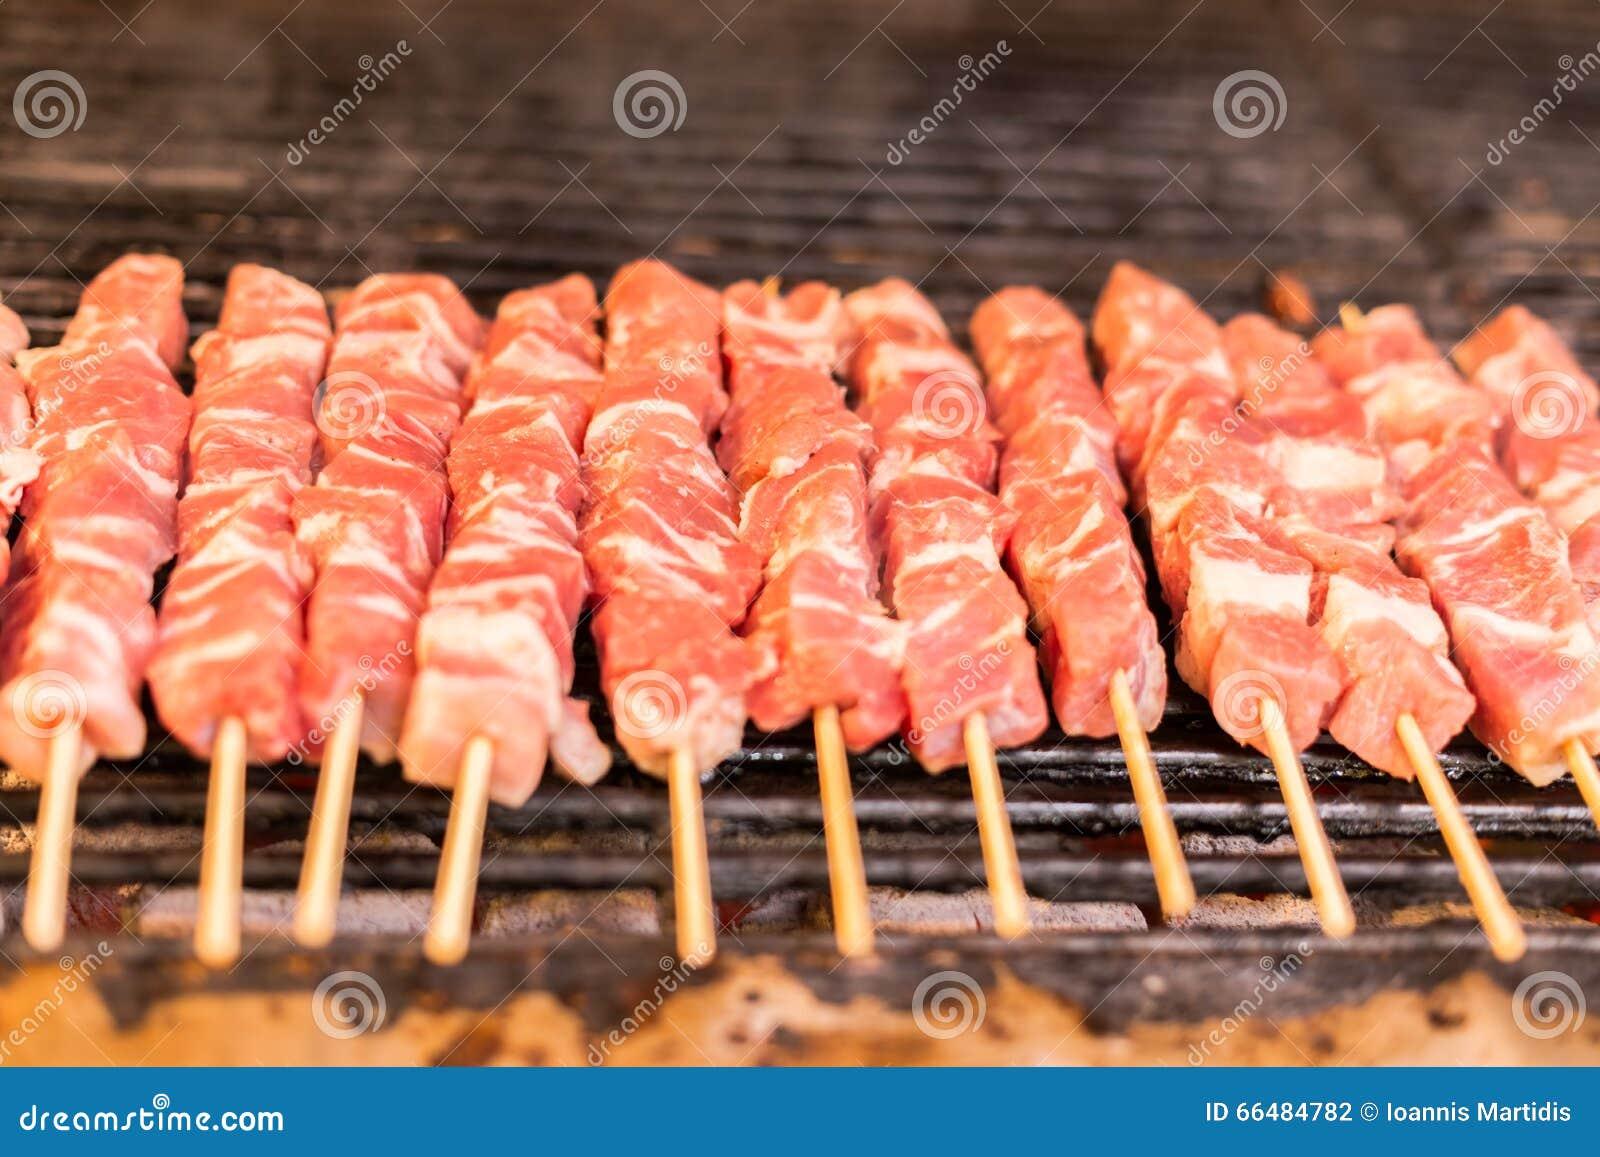 Los prendederos crudos frescos del pecho del cerdo de la carne roja en una rejilla de la parrilla de la barbacoa del pincho asan